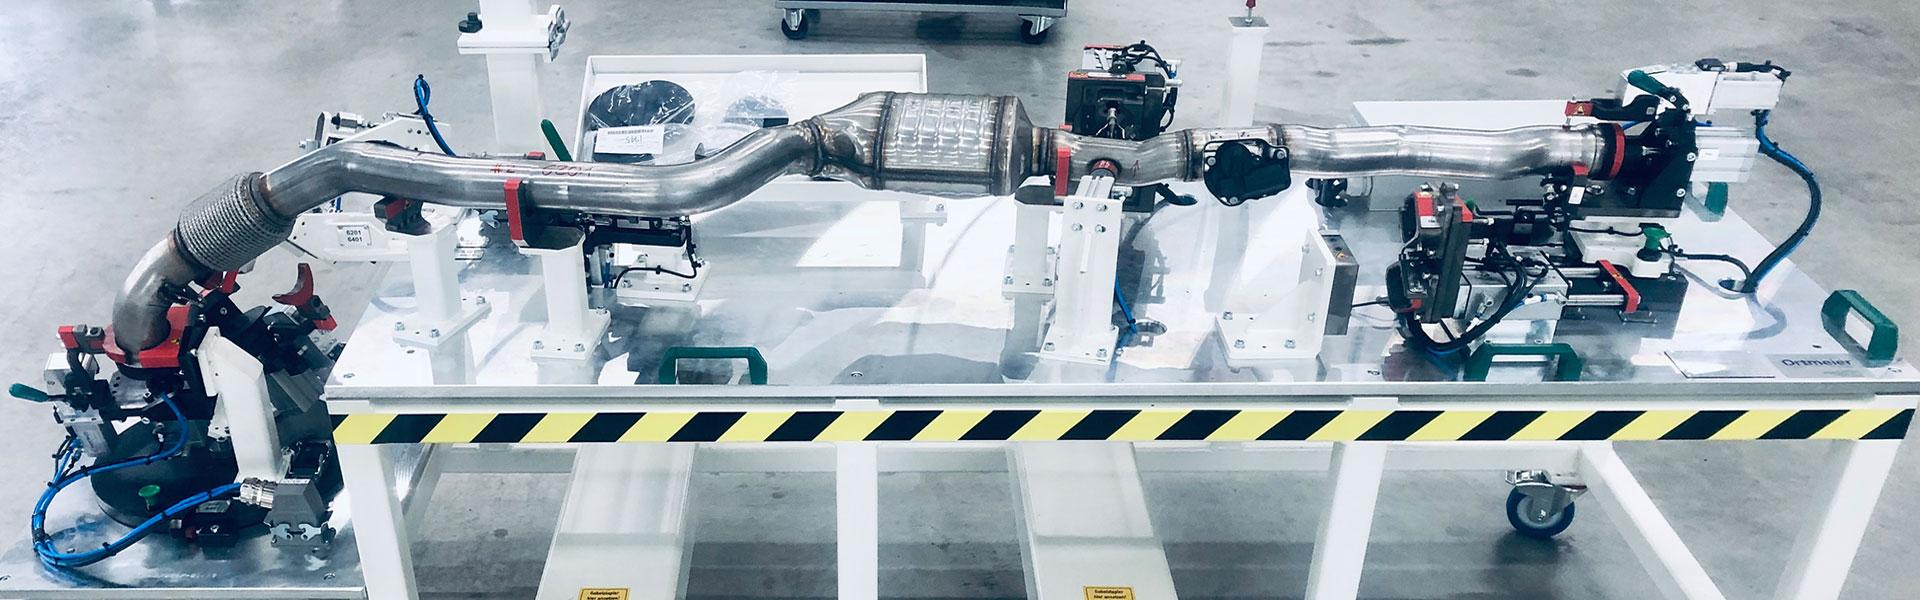 Lecktestanlagen von Ortmeier Maschinen- und Vorrichtungsbau